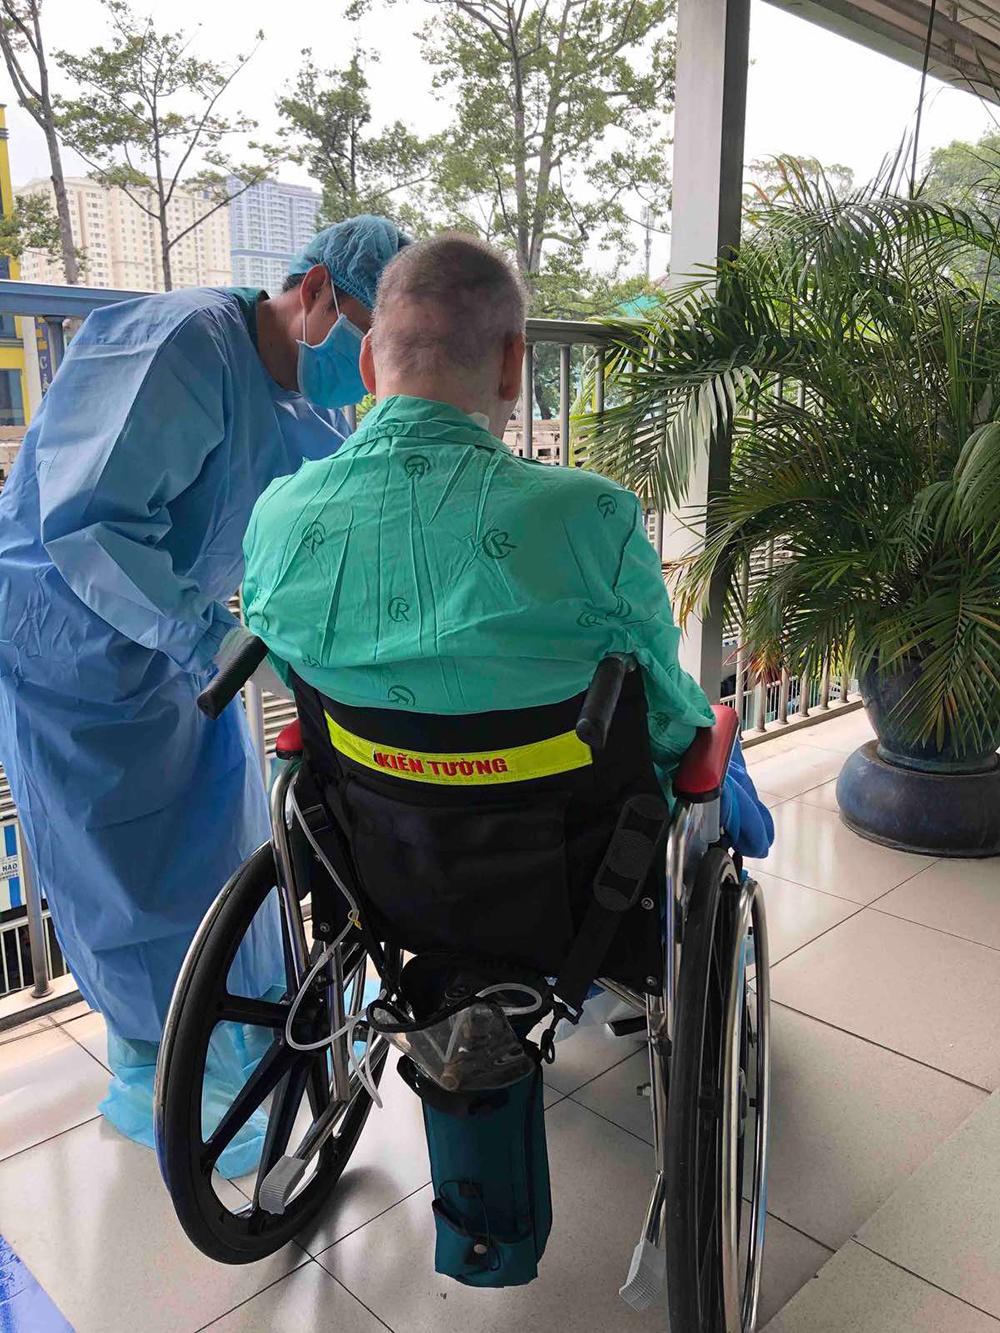 Ngày 11/6, bệnh nhân 91 được đón những tia nắng đầu tiên khi ông được nhân viên y tế tại bệnh viện cho ngồi xe lăn ra phơi nắng trong hơn 100 ngày phải điều tri cách ly, thở máy.